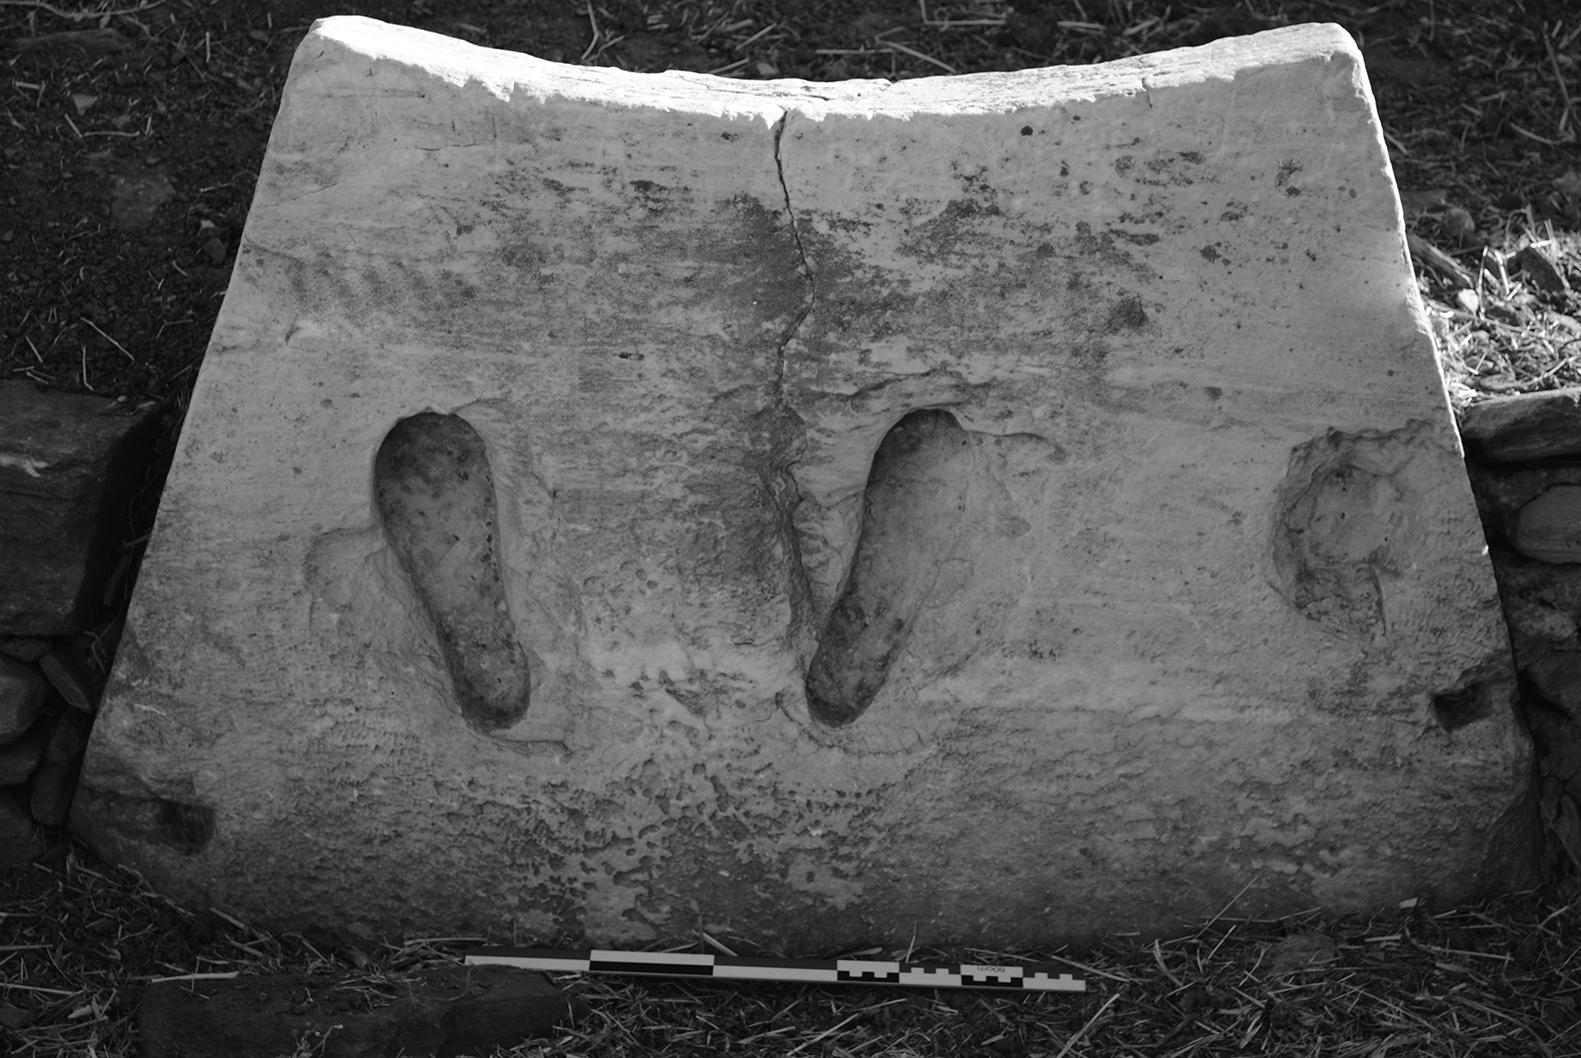 Βάση χάλκινου αγάλματος από ημικυκλική εξέδρα